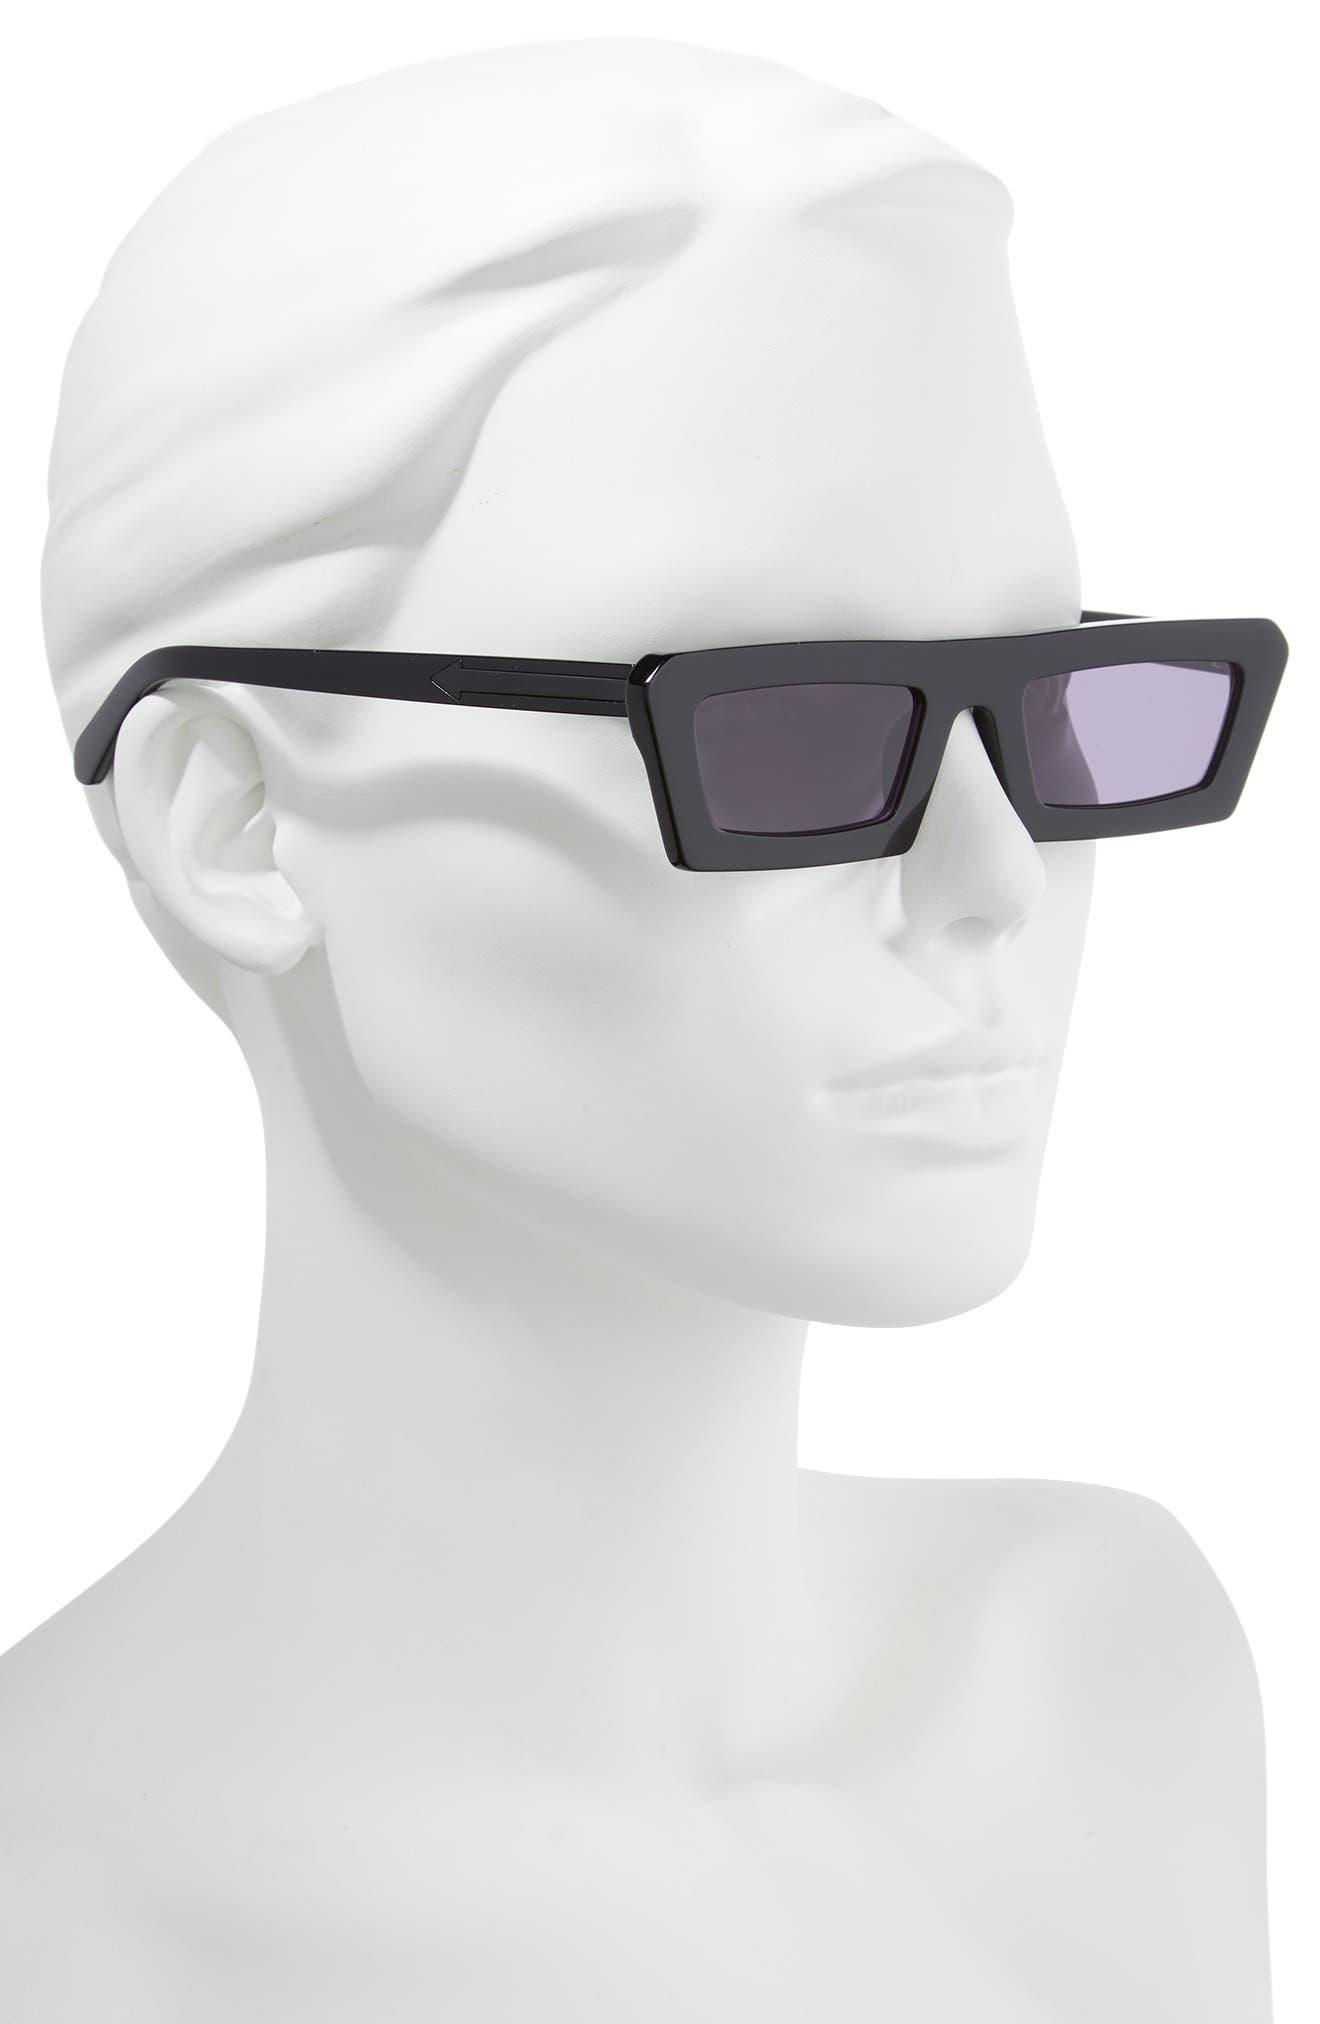 Shipwrecks 52mm Square Sunglasses,                             Alternate thumbnail 2, color,                             BLACK/ SMOKE